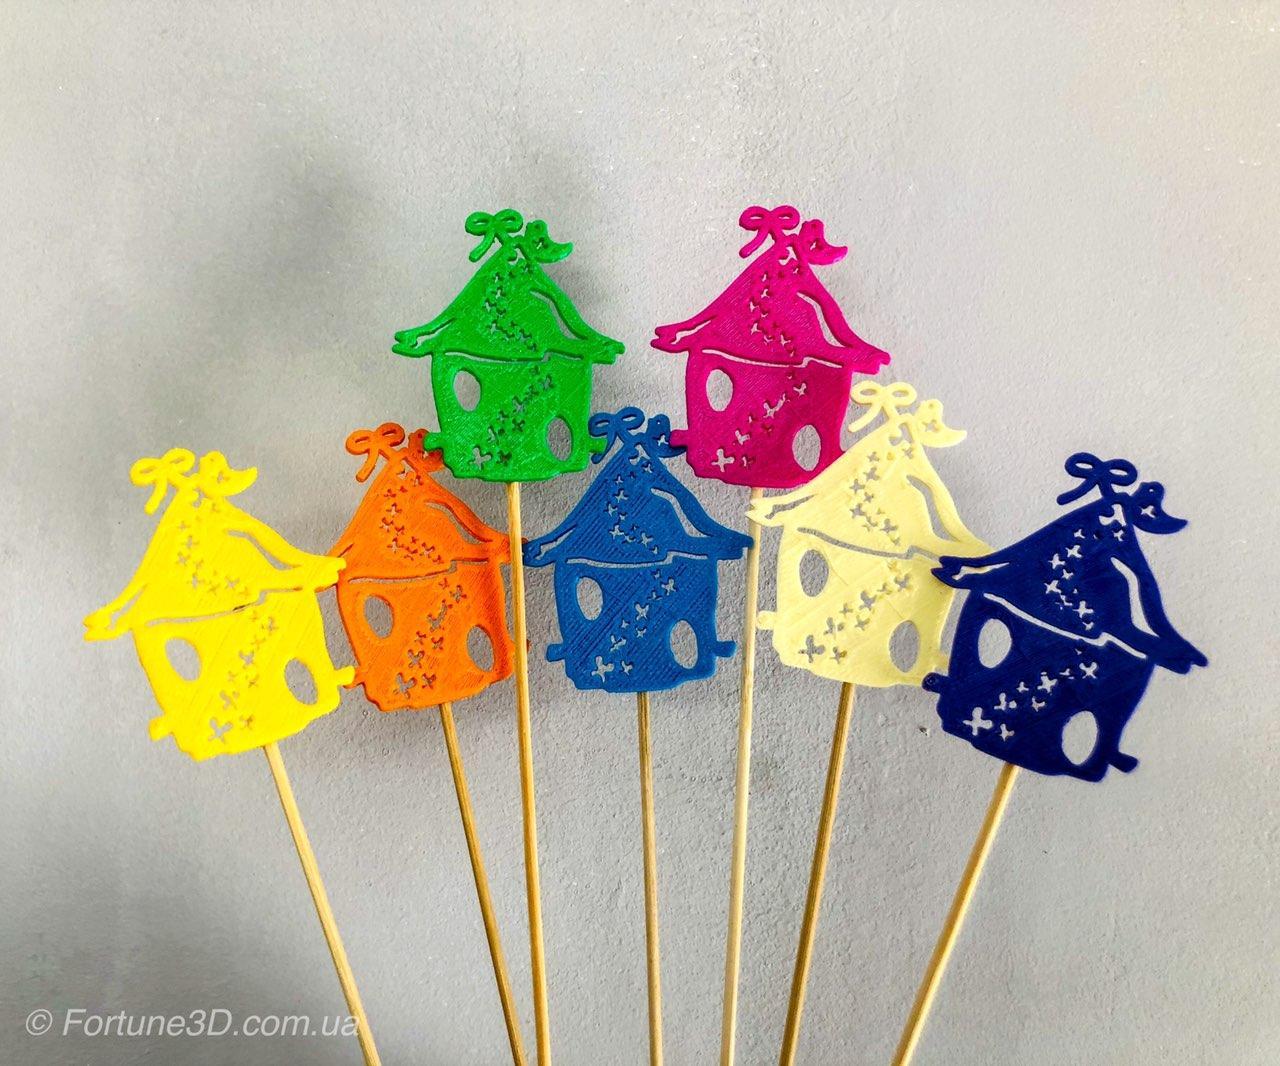 Шпаківня з бджілками декор на паличці. 7 кольорів. Великодній декор на паличці з пластику